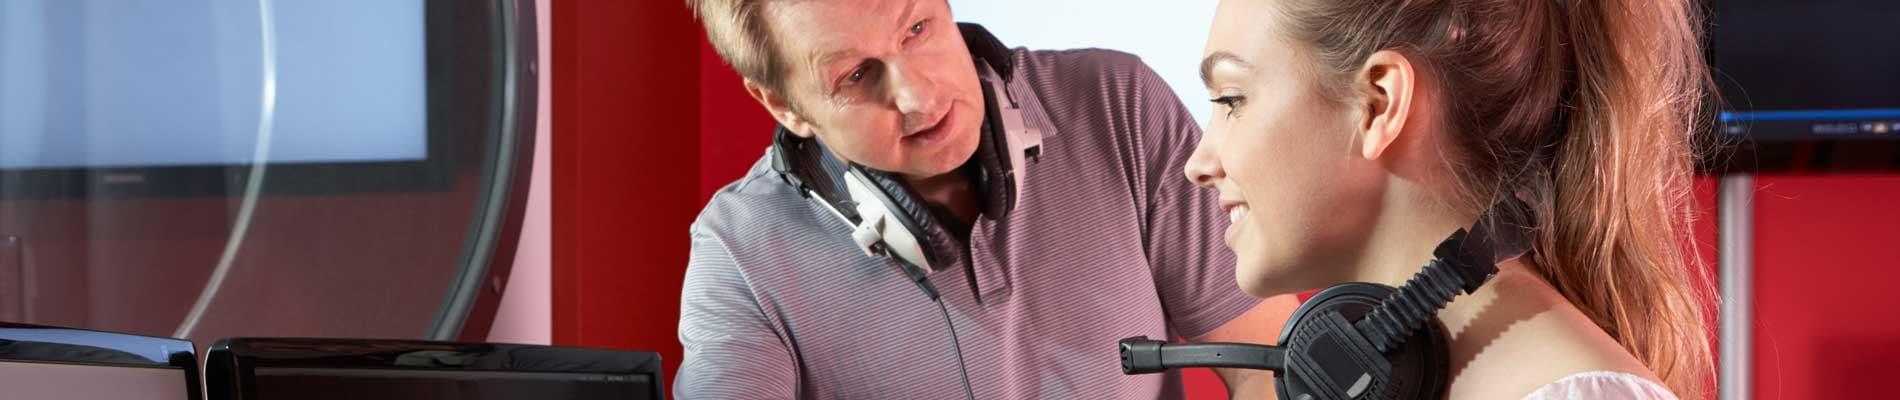 Realització i producció d'audiovisuals, ràdio i espectacles